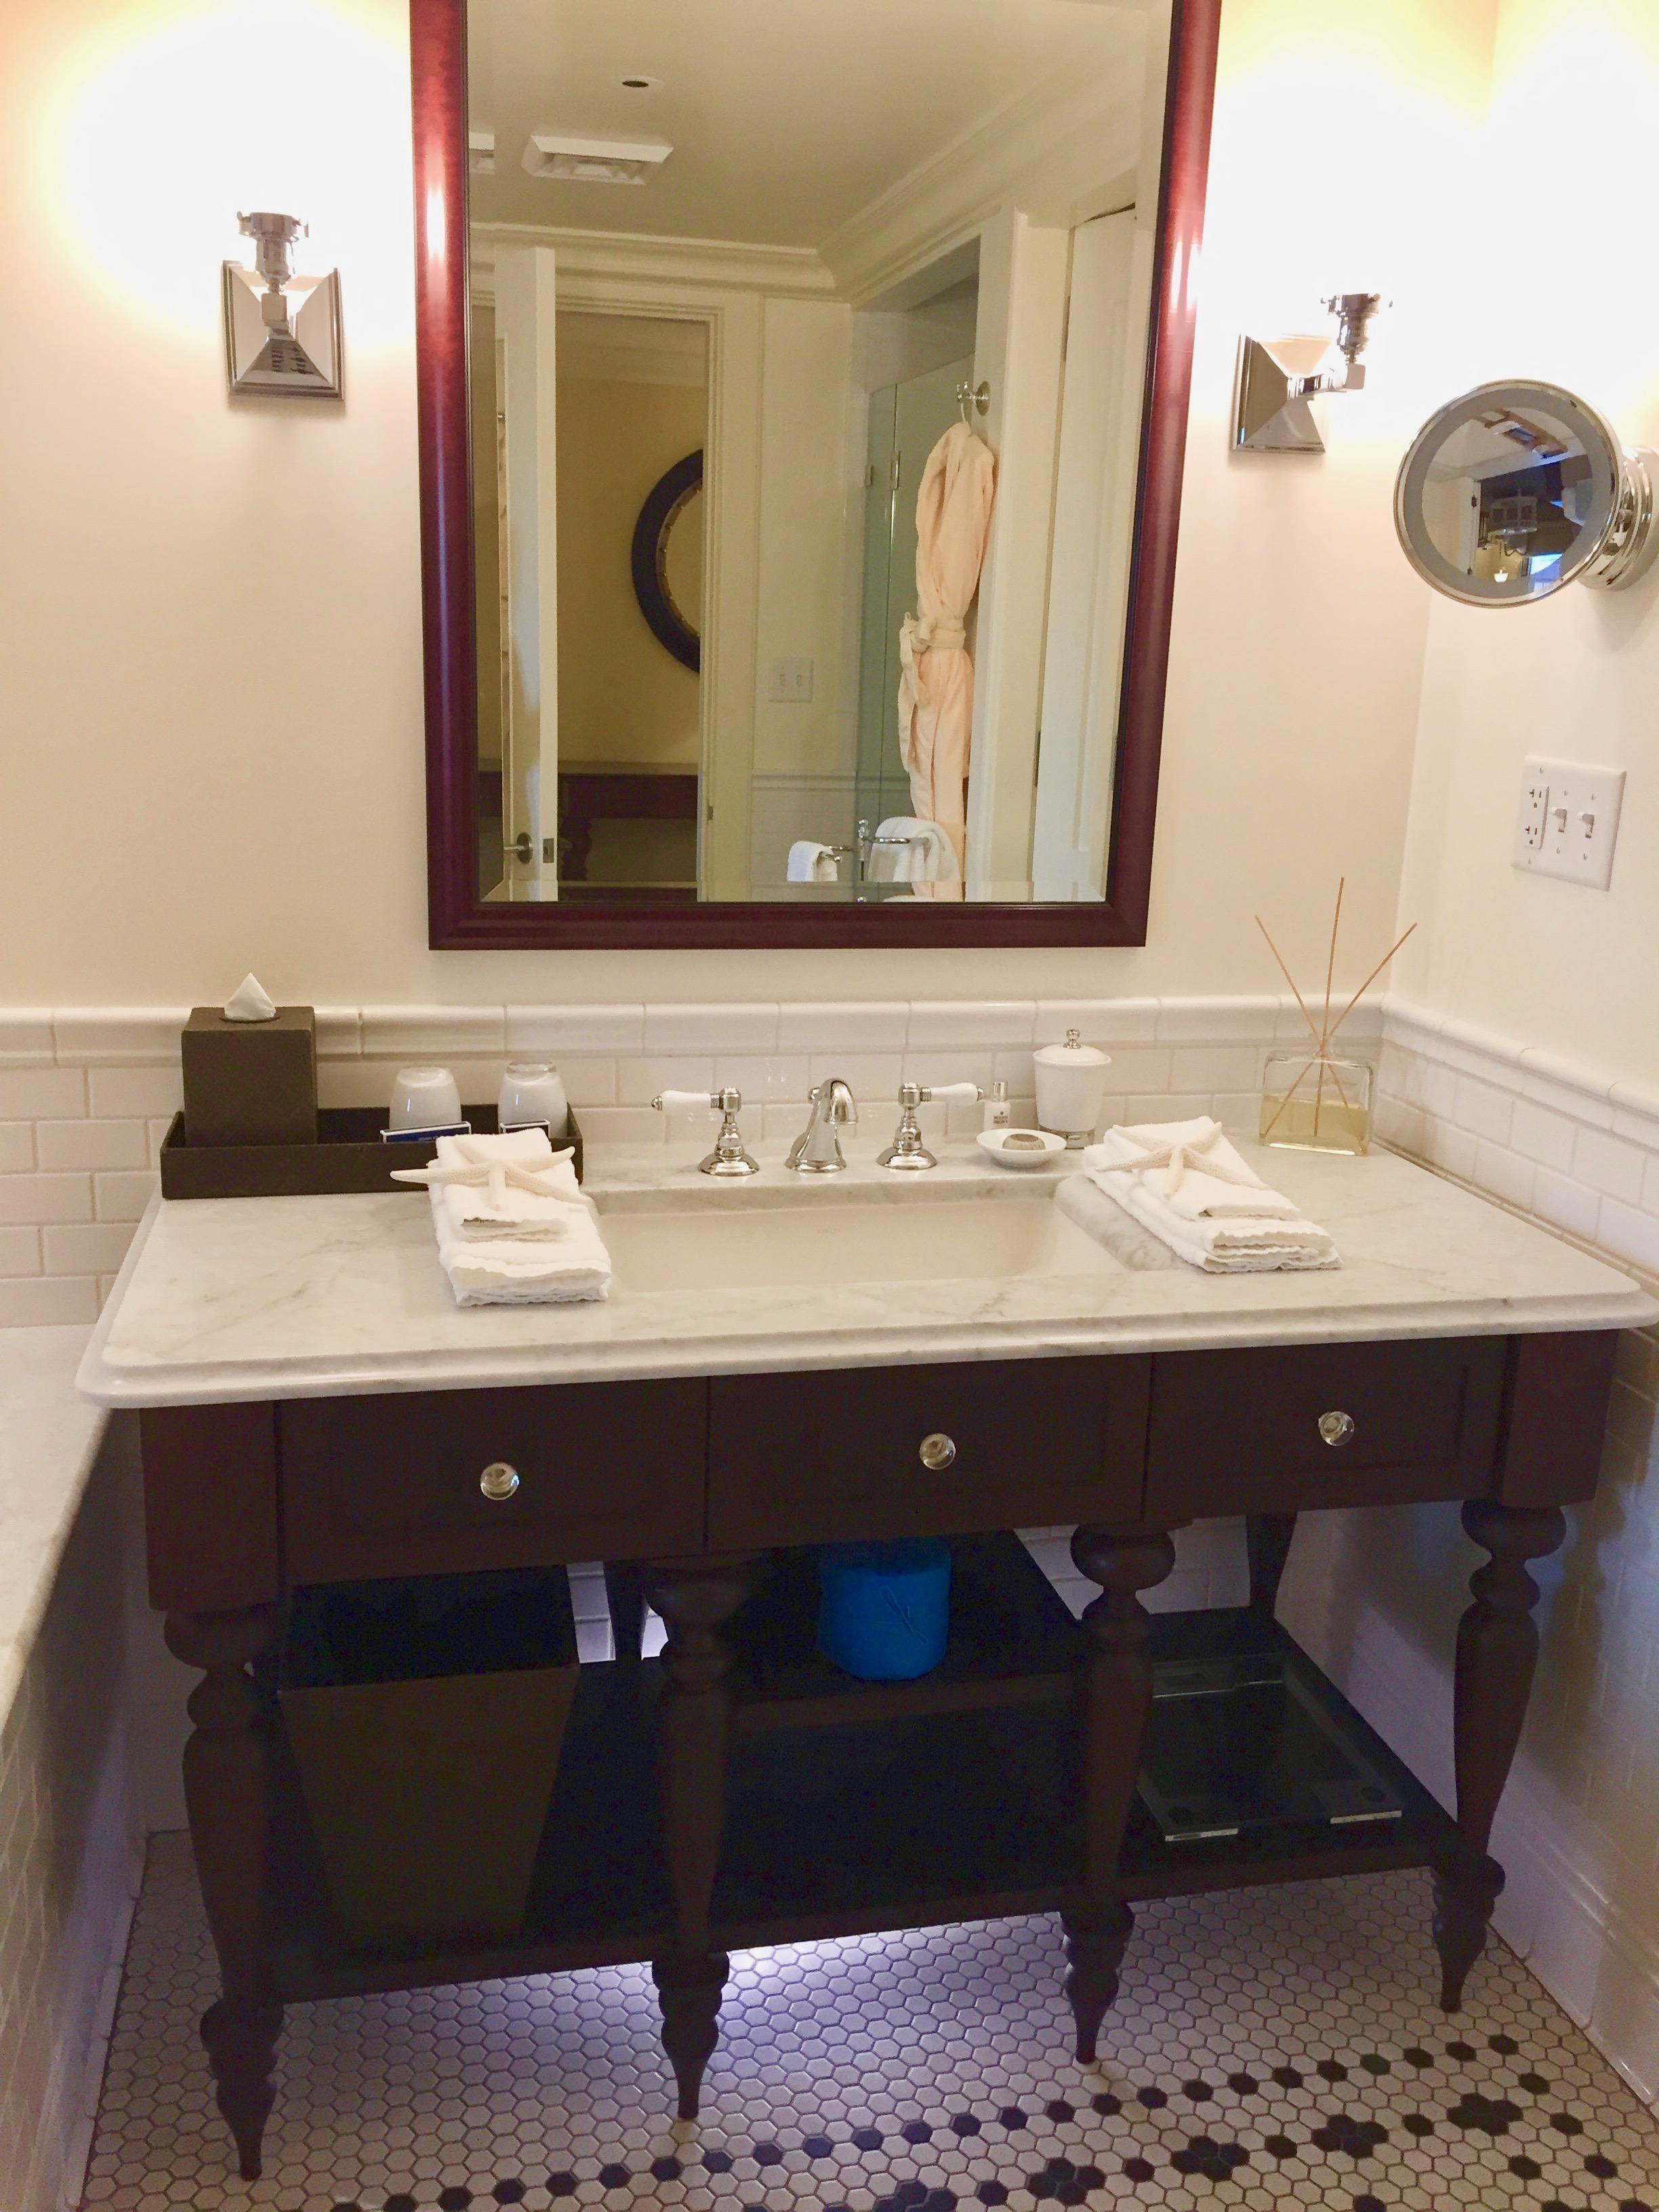 bathroom sink in luxury bathroom